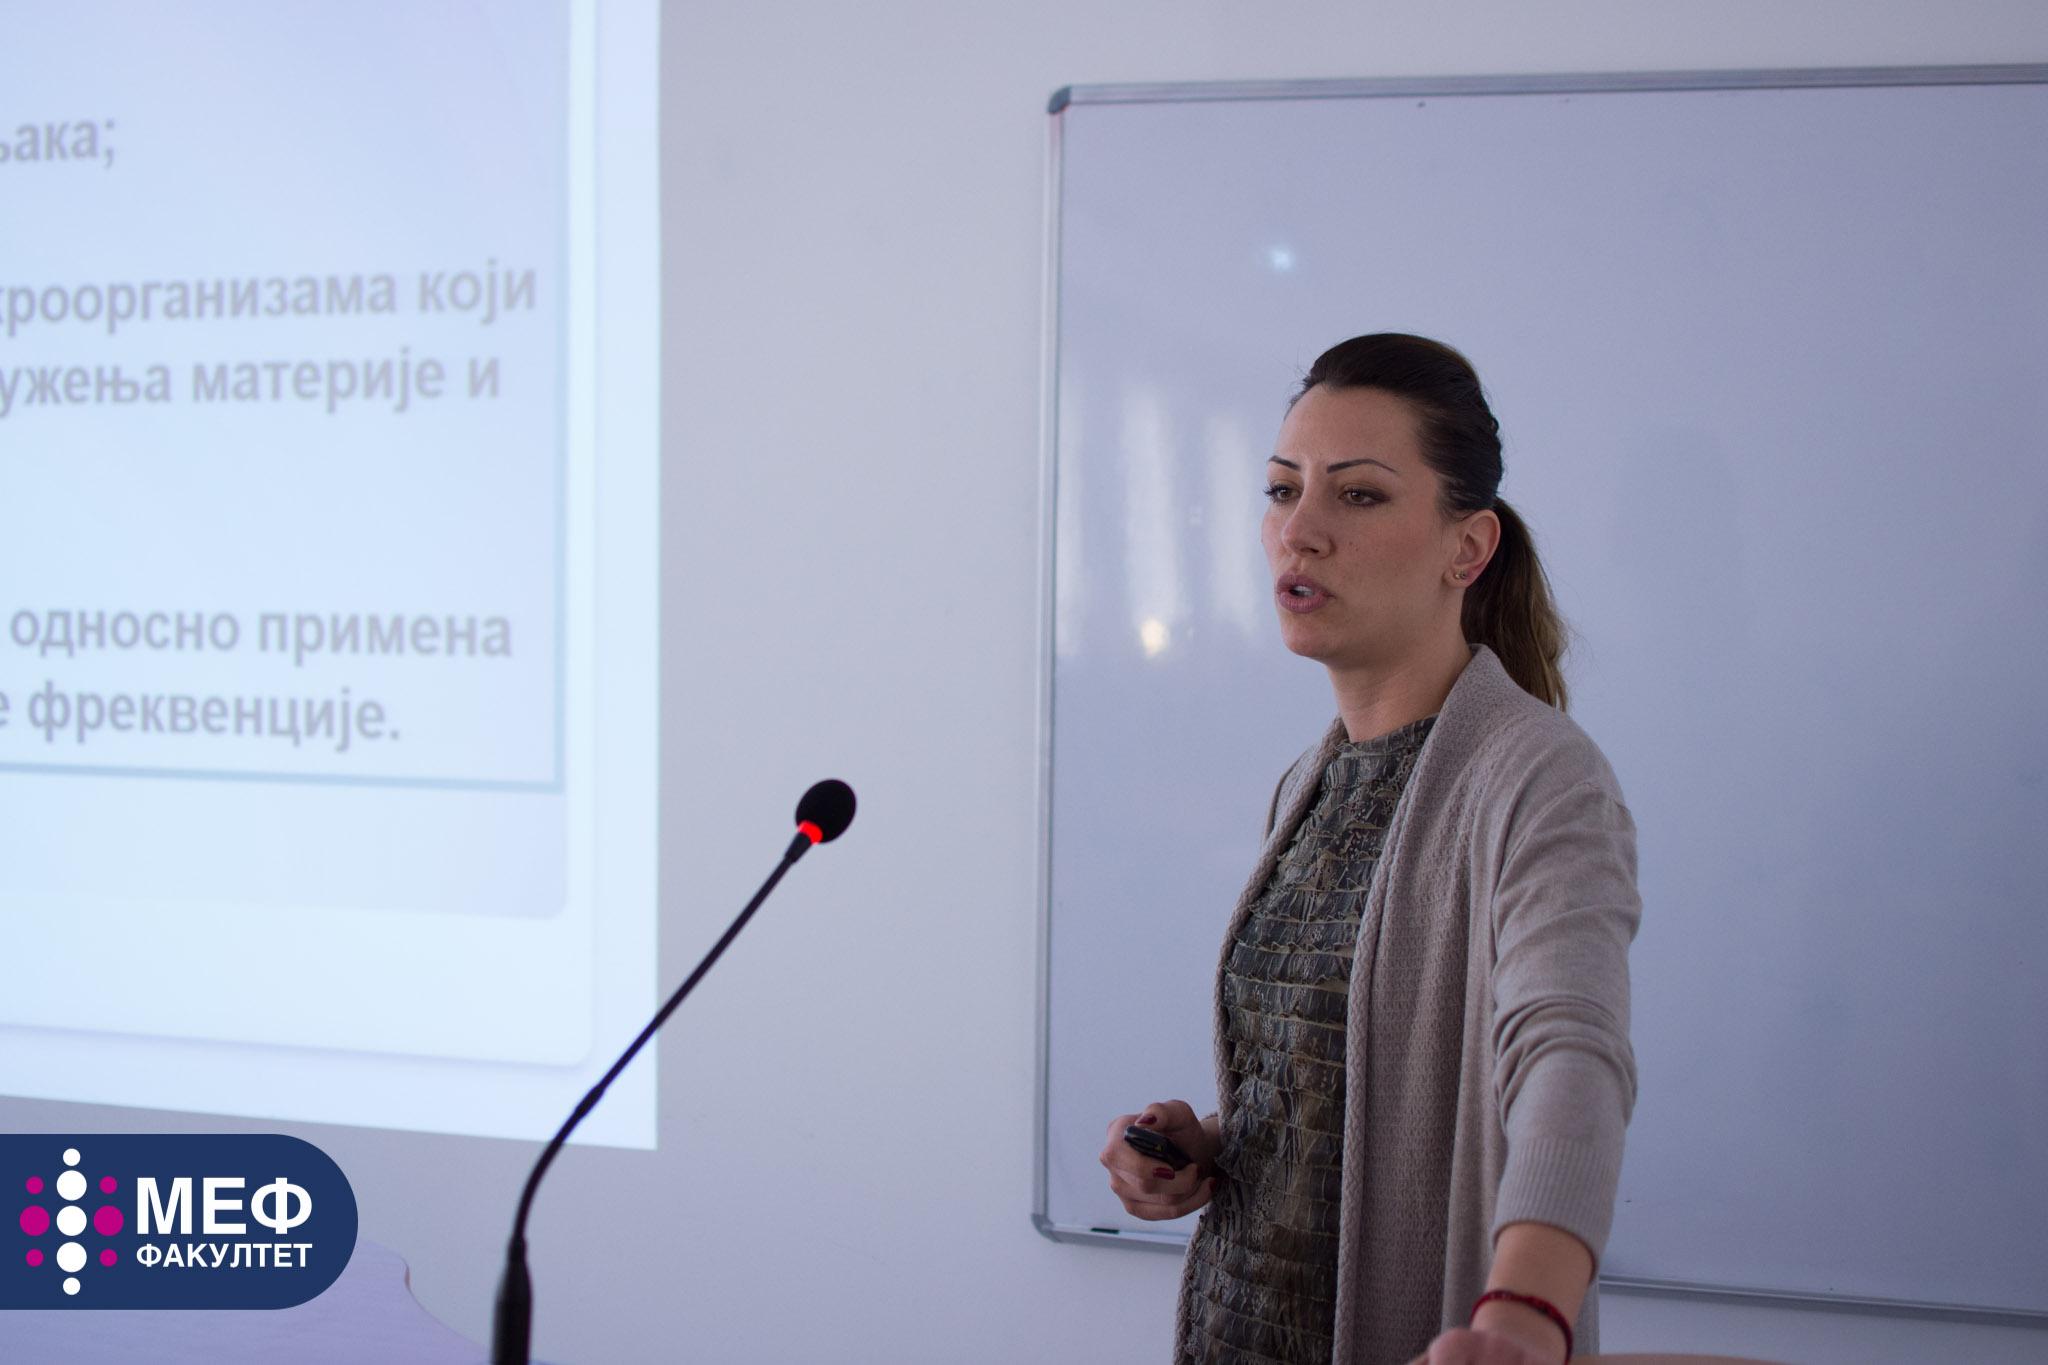 MEF Fakultet - izvestaj sa konferencije 18